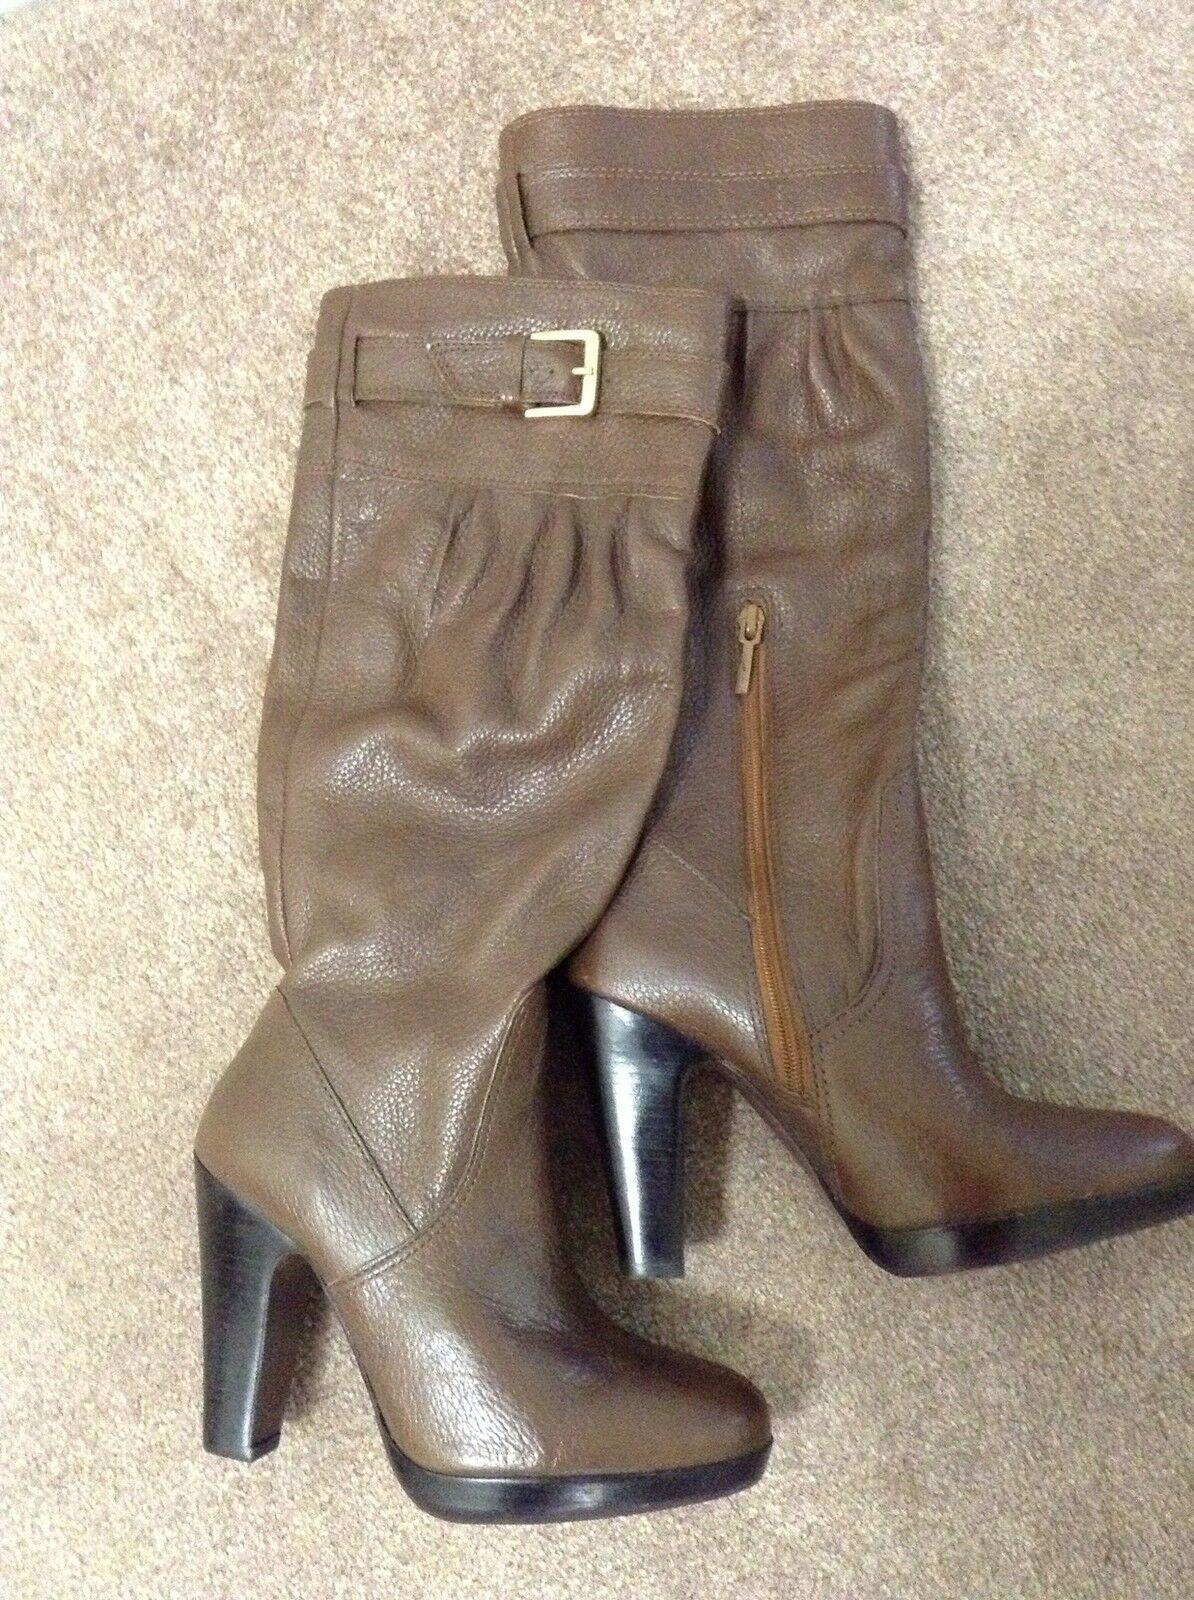 Zara Para Mujer De Cuero Marrón rodilla rodilla rodilla alta botas   Zapatos Talla 37, apartado 6 1 2) al por menor  149  sin mínimo